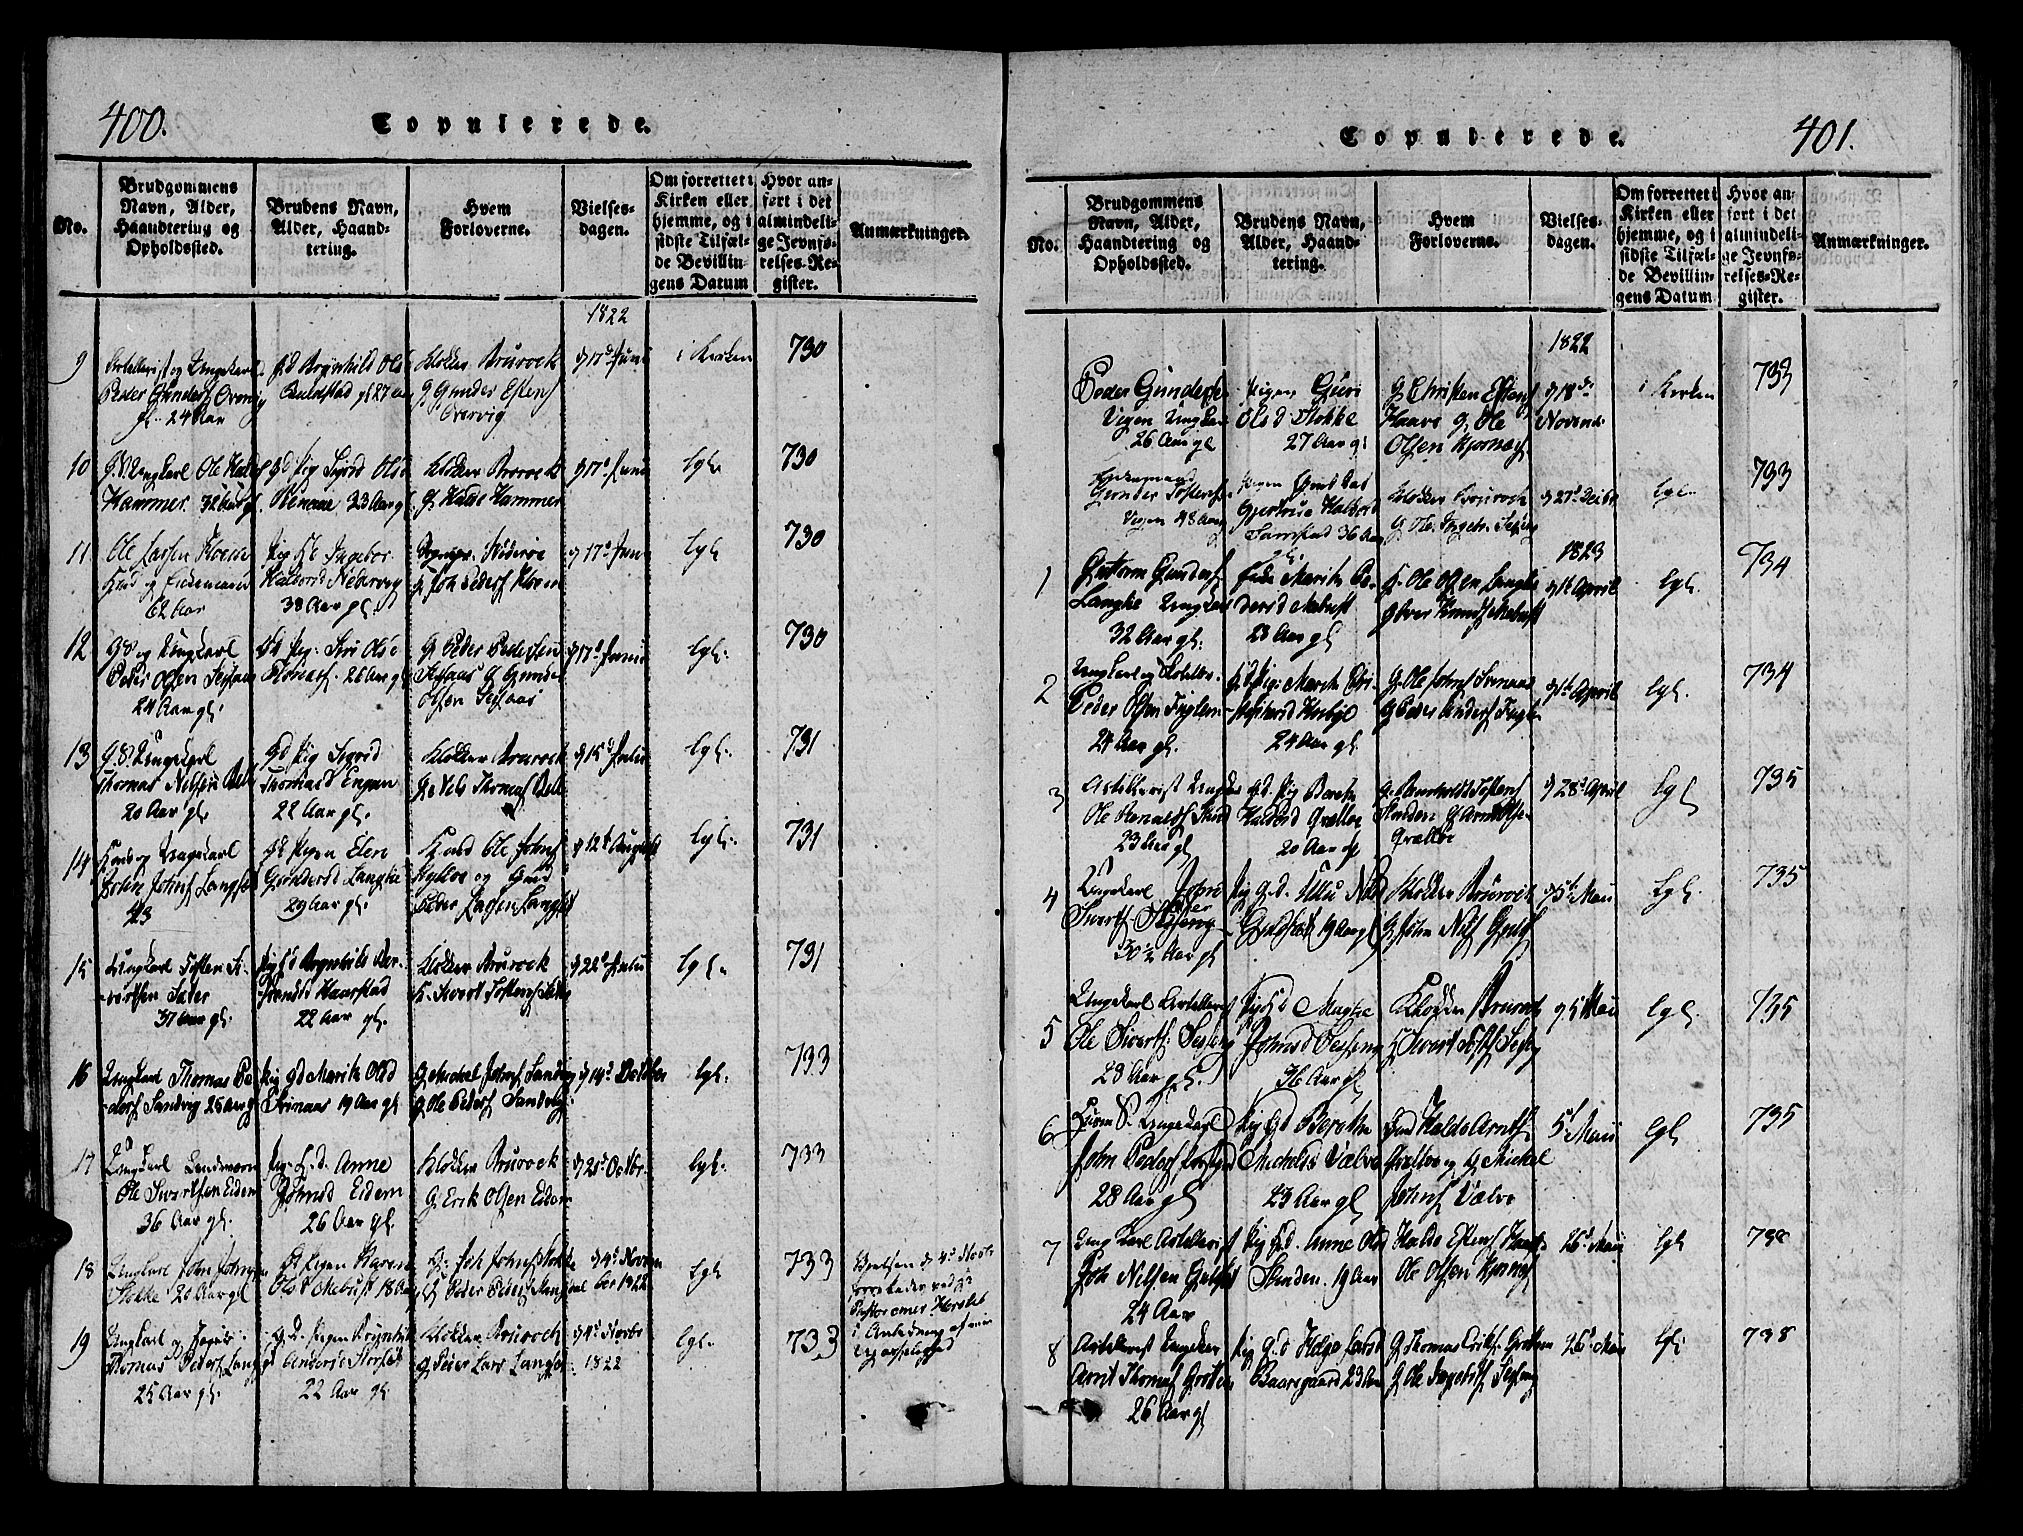 SAT, Ministerialprotokoller, klokkerbøker og fødselsregistre - Sør-Trøndelag, 695/L1141: Ministerialbok nr. 695A04 /1, 1816-1824, s. 400-401